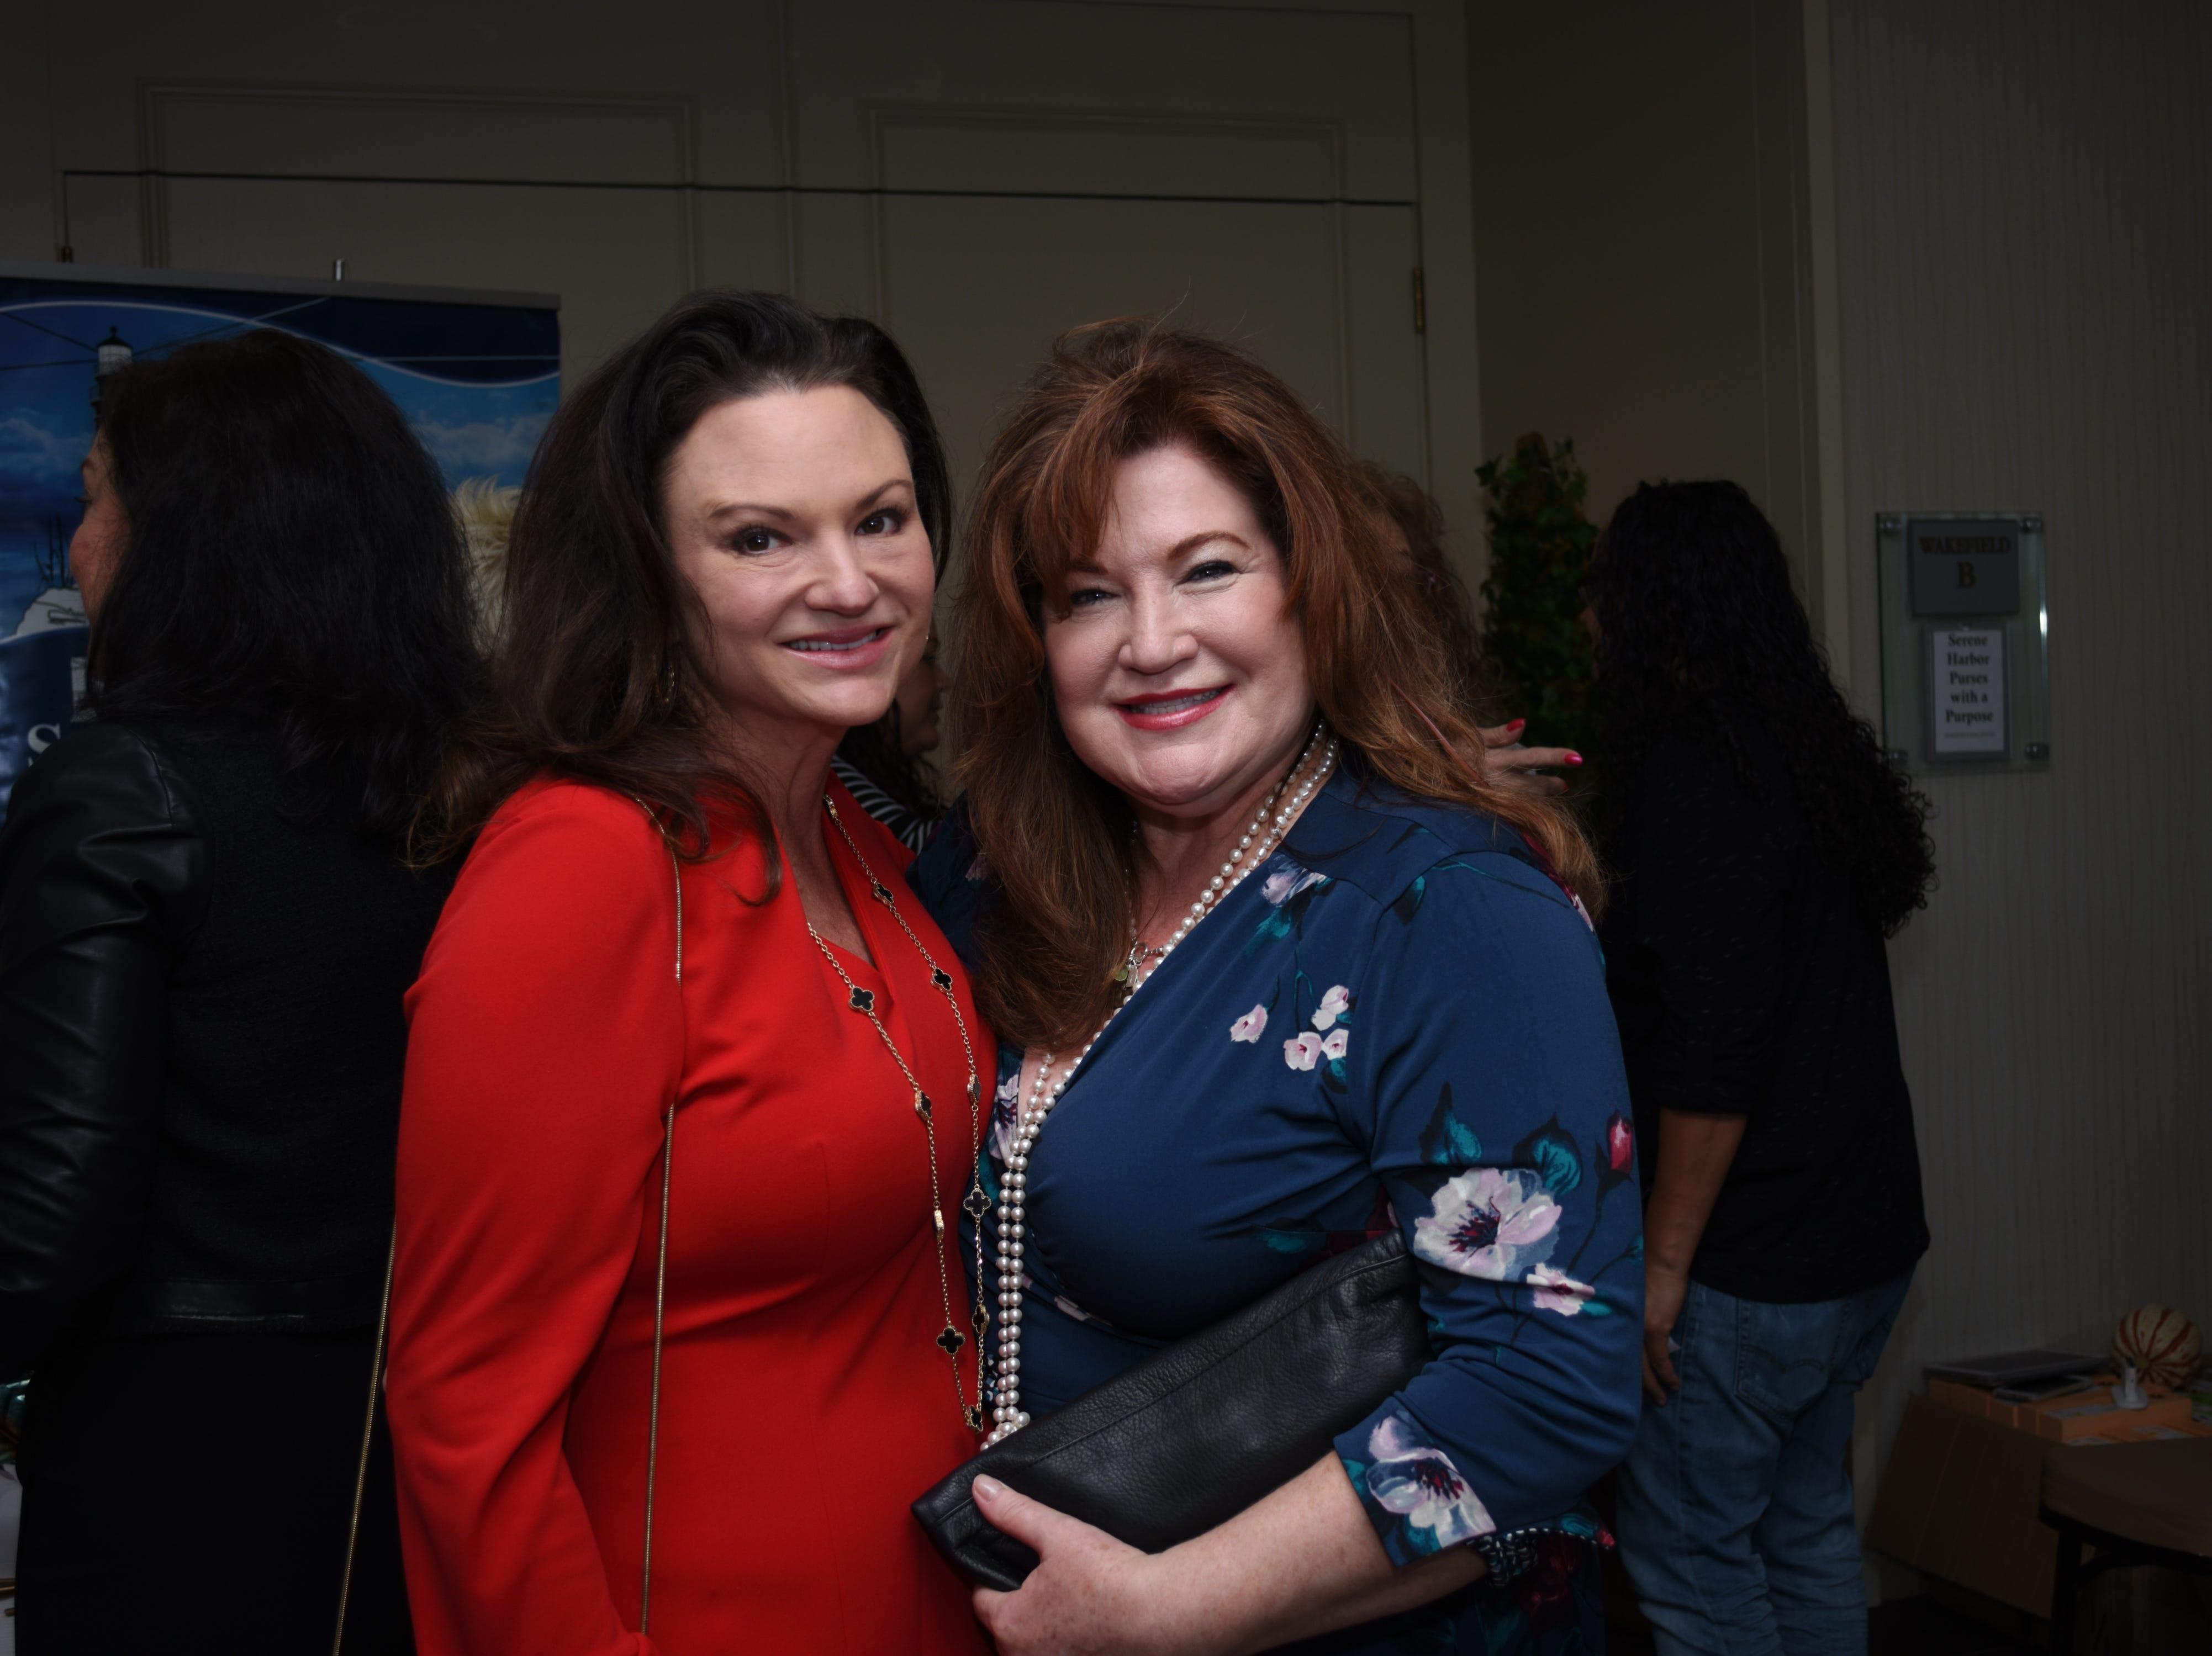 Sheri Tremmel and Ruthi Menendez pose for a photo.